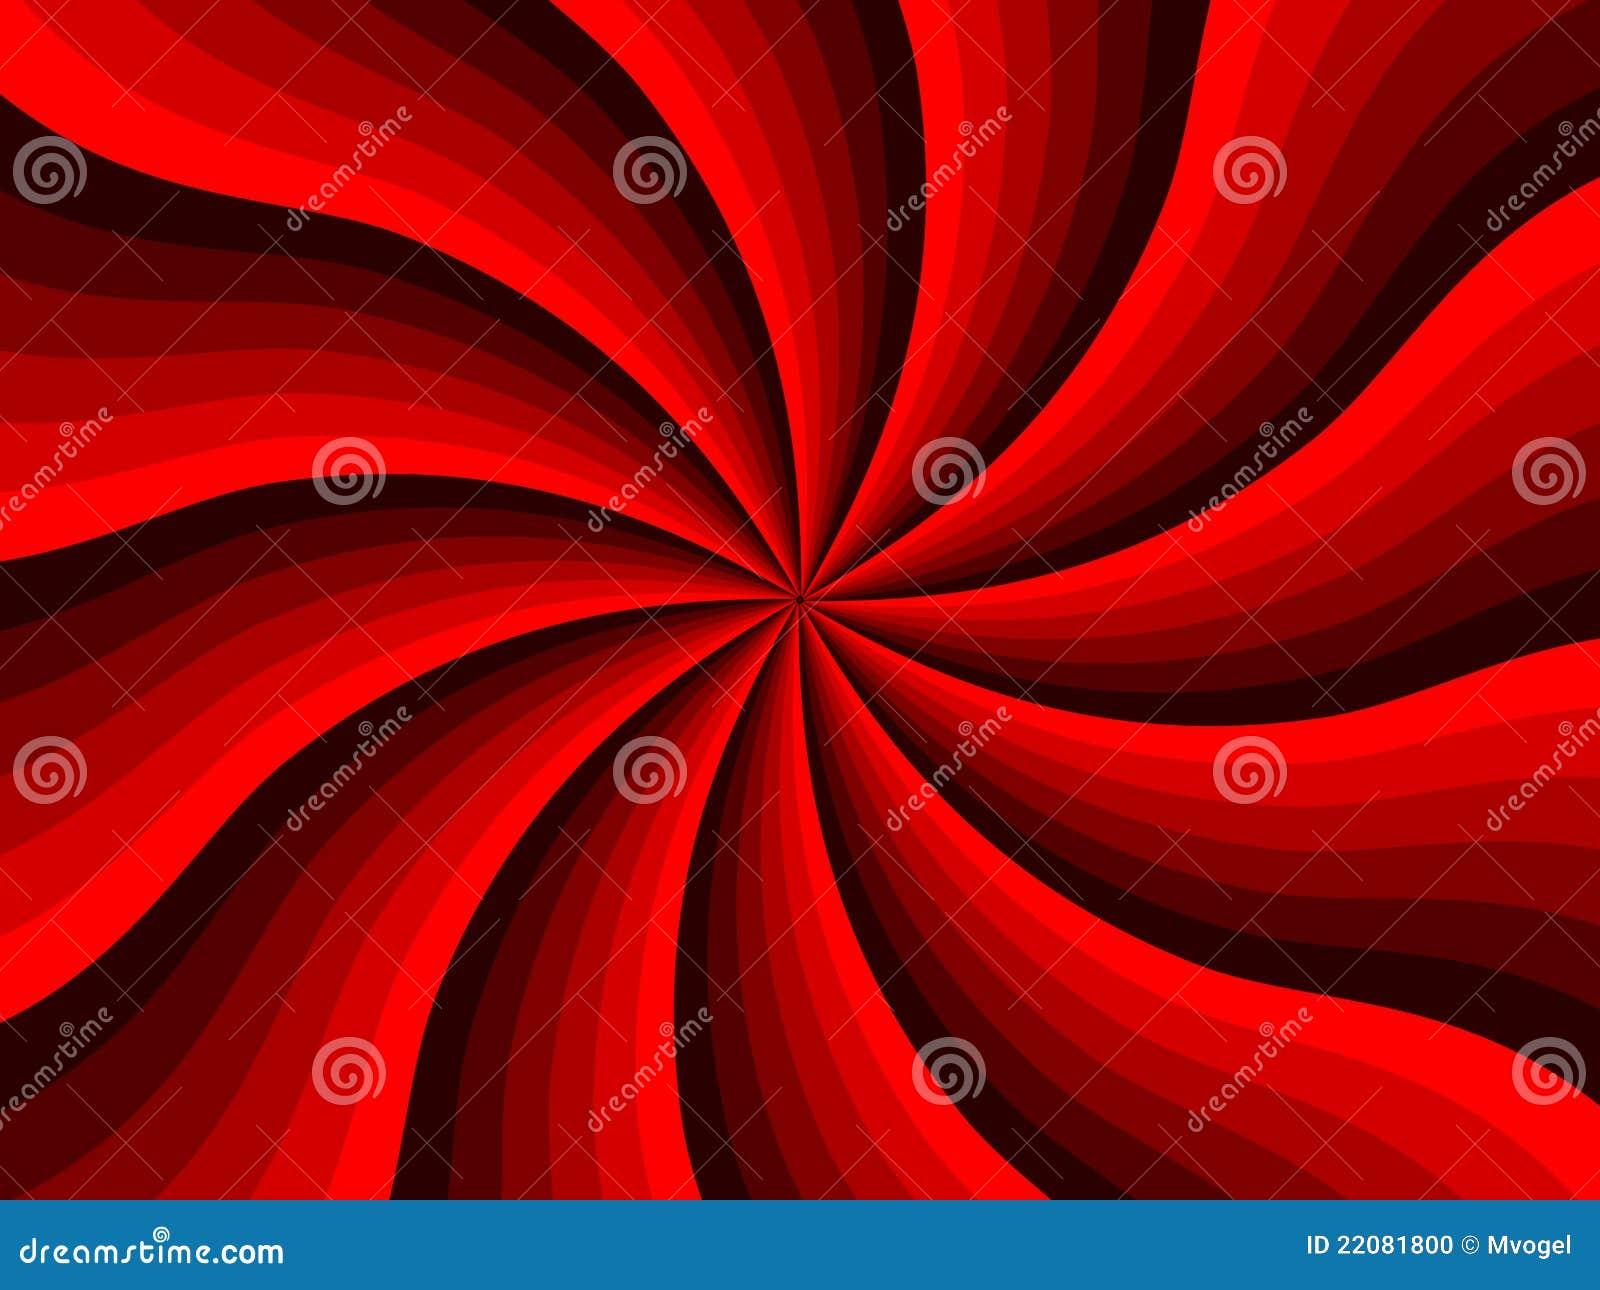 Fondo rojo del remolino de la gama de colores stock de - Gama de colores blanco roto ...